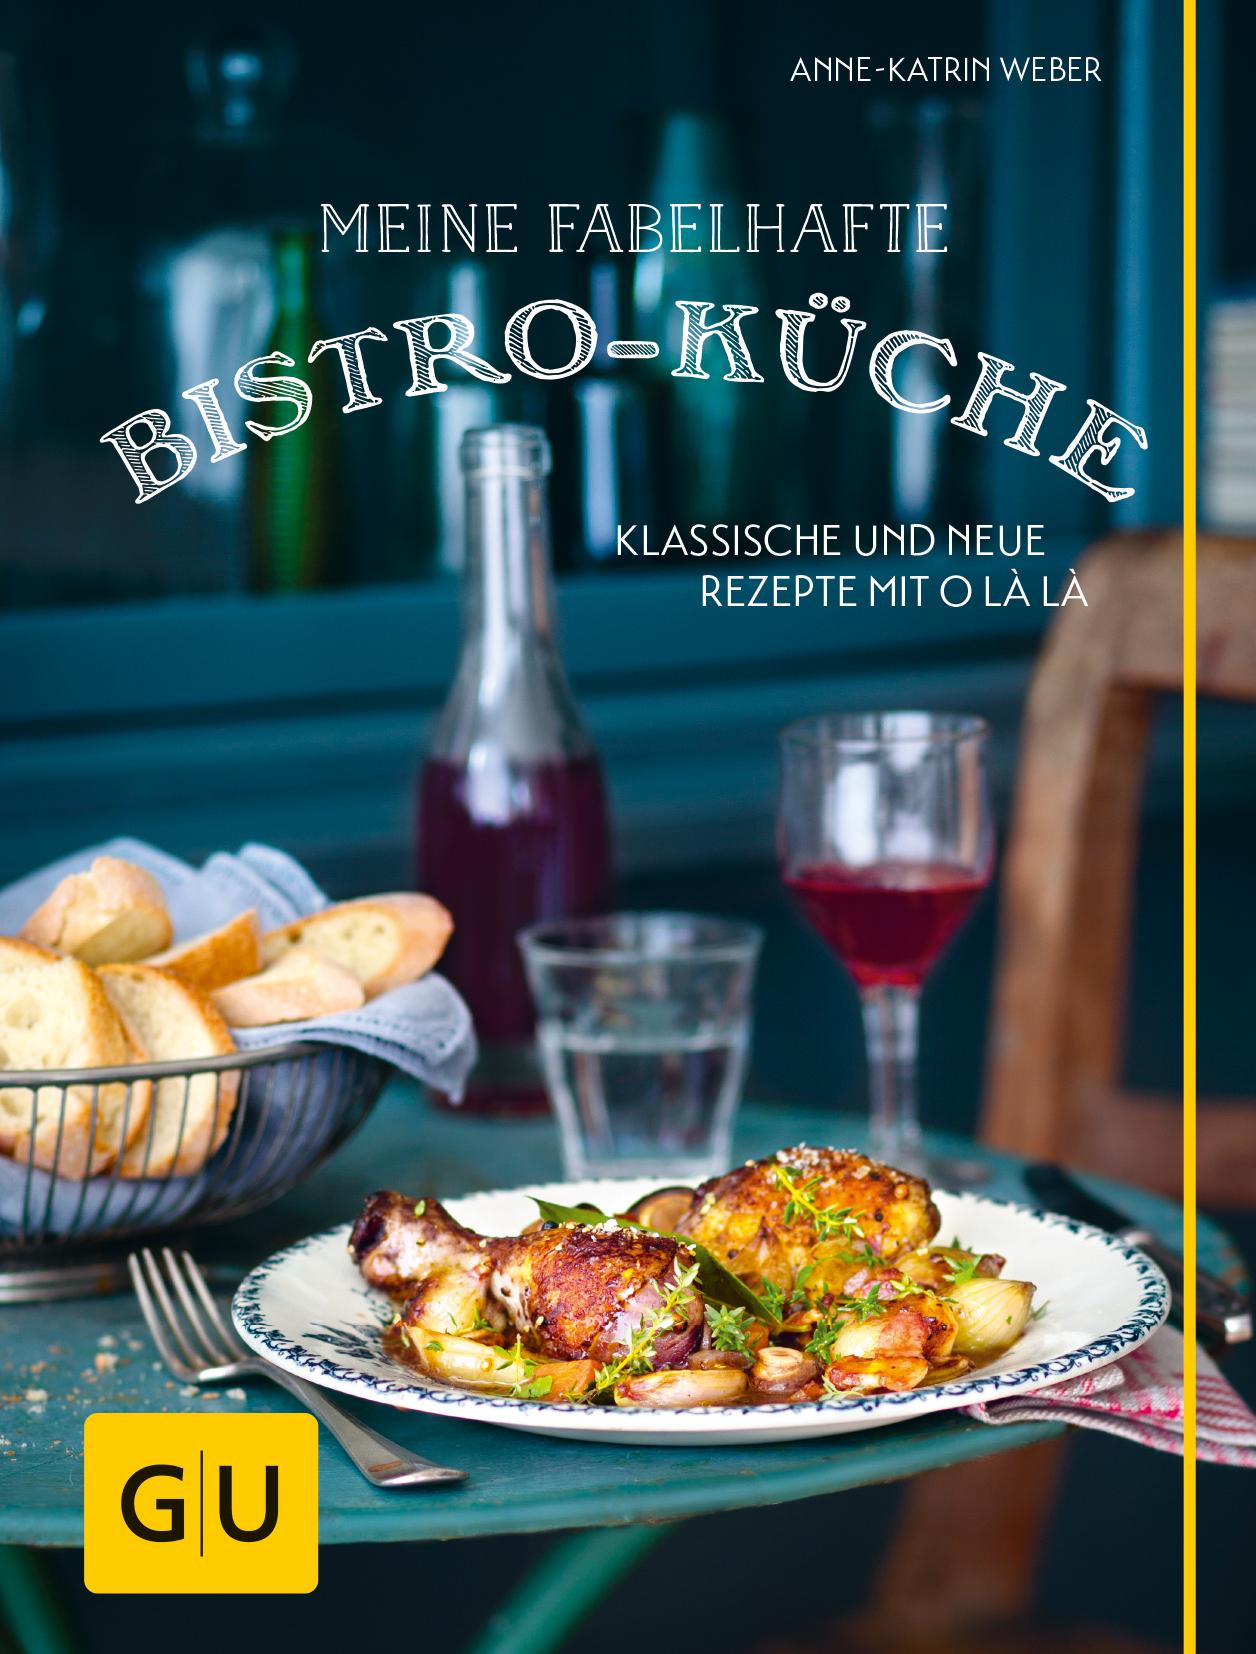 Meine fabelhafte Bistro-Küche - französisches Landbrot